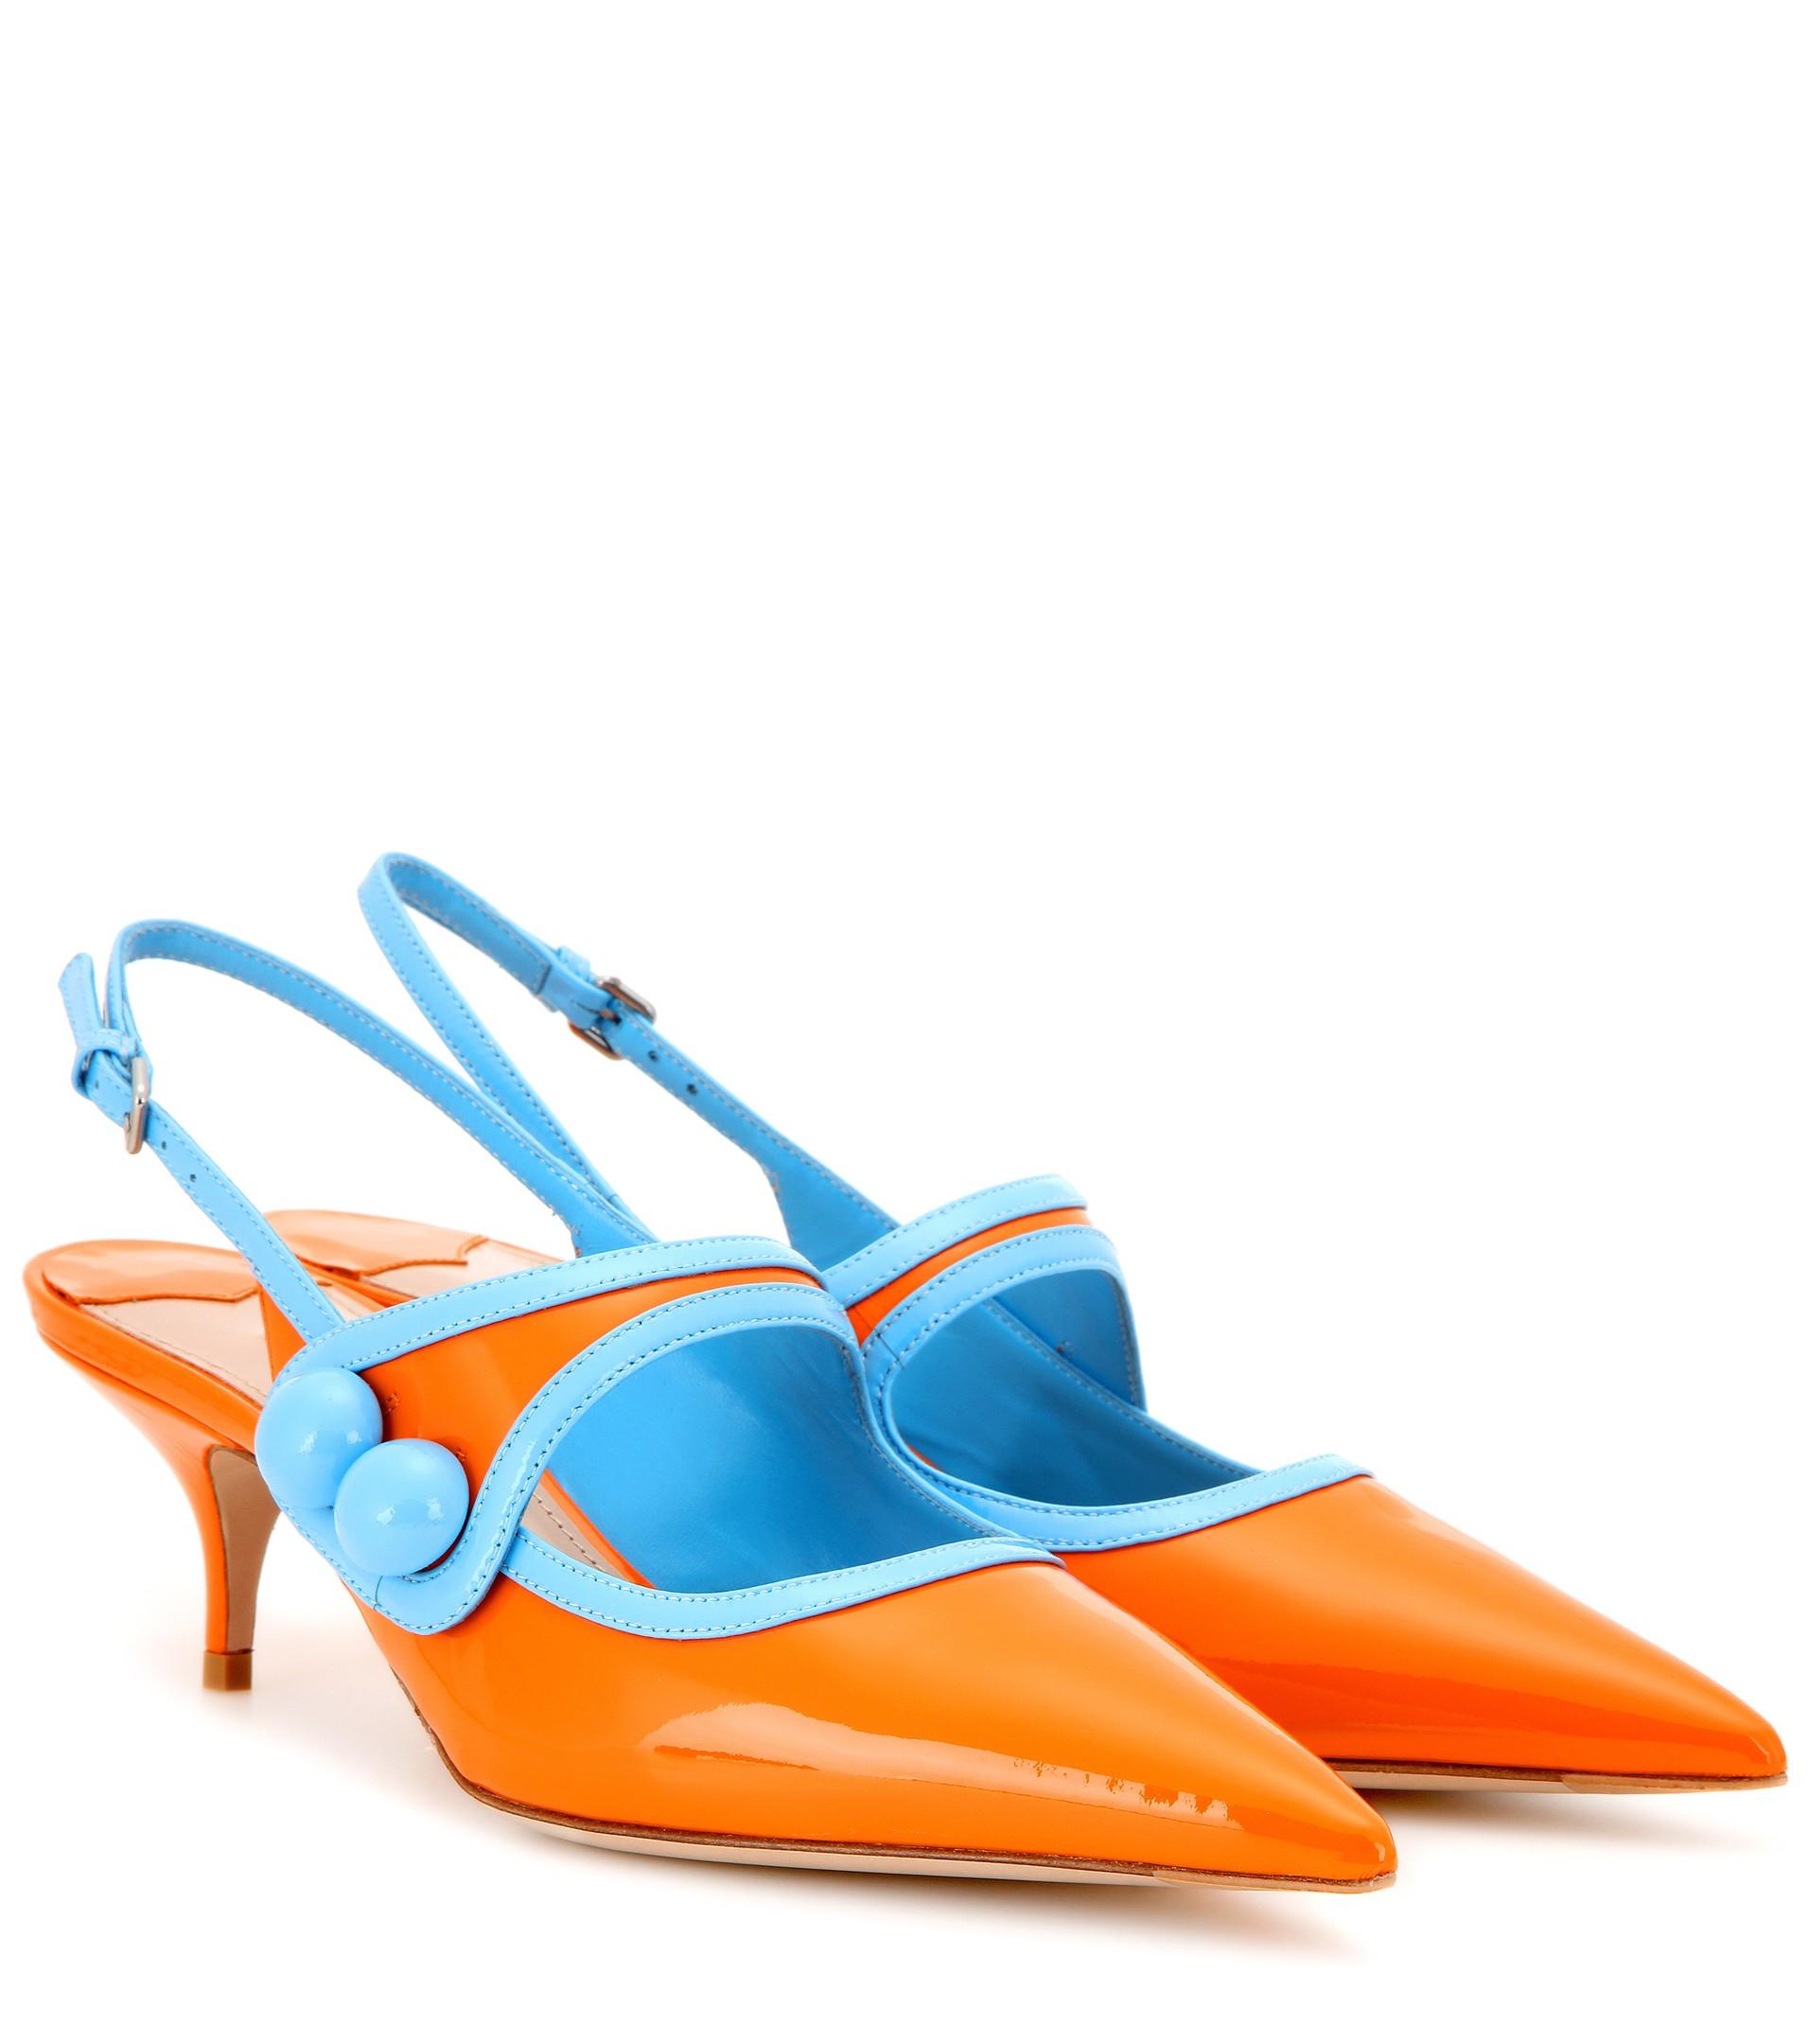 Miu miu Patent Leather Slingback Kitten-heel Pumps in Blue | Lyst